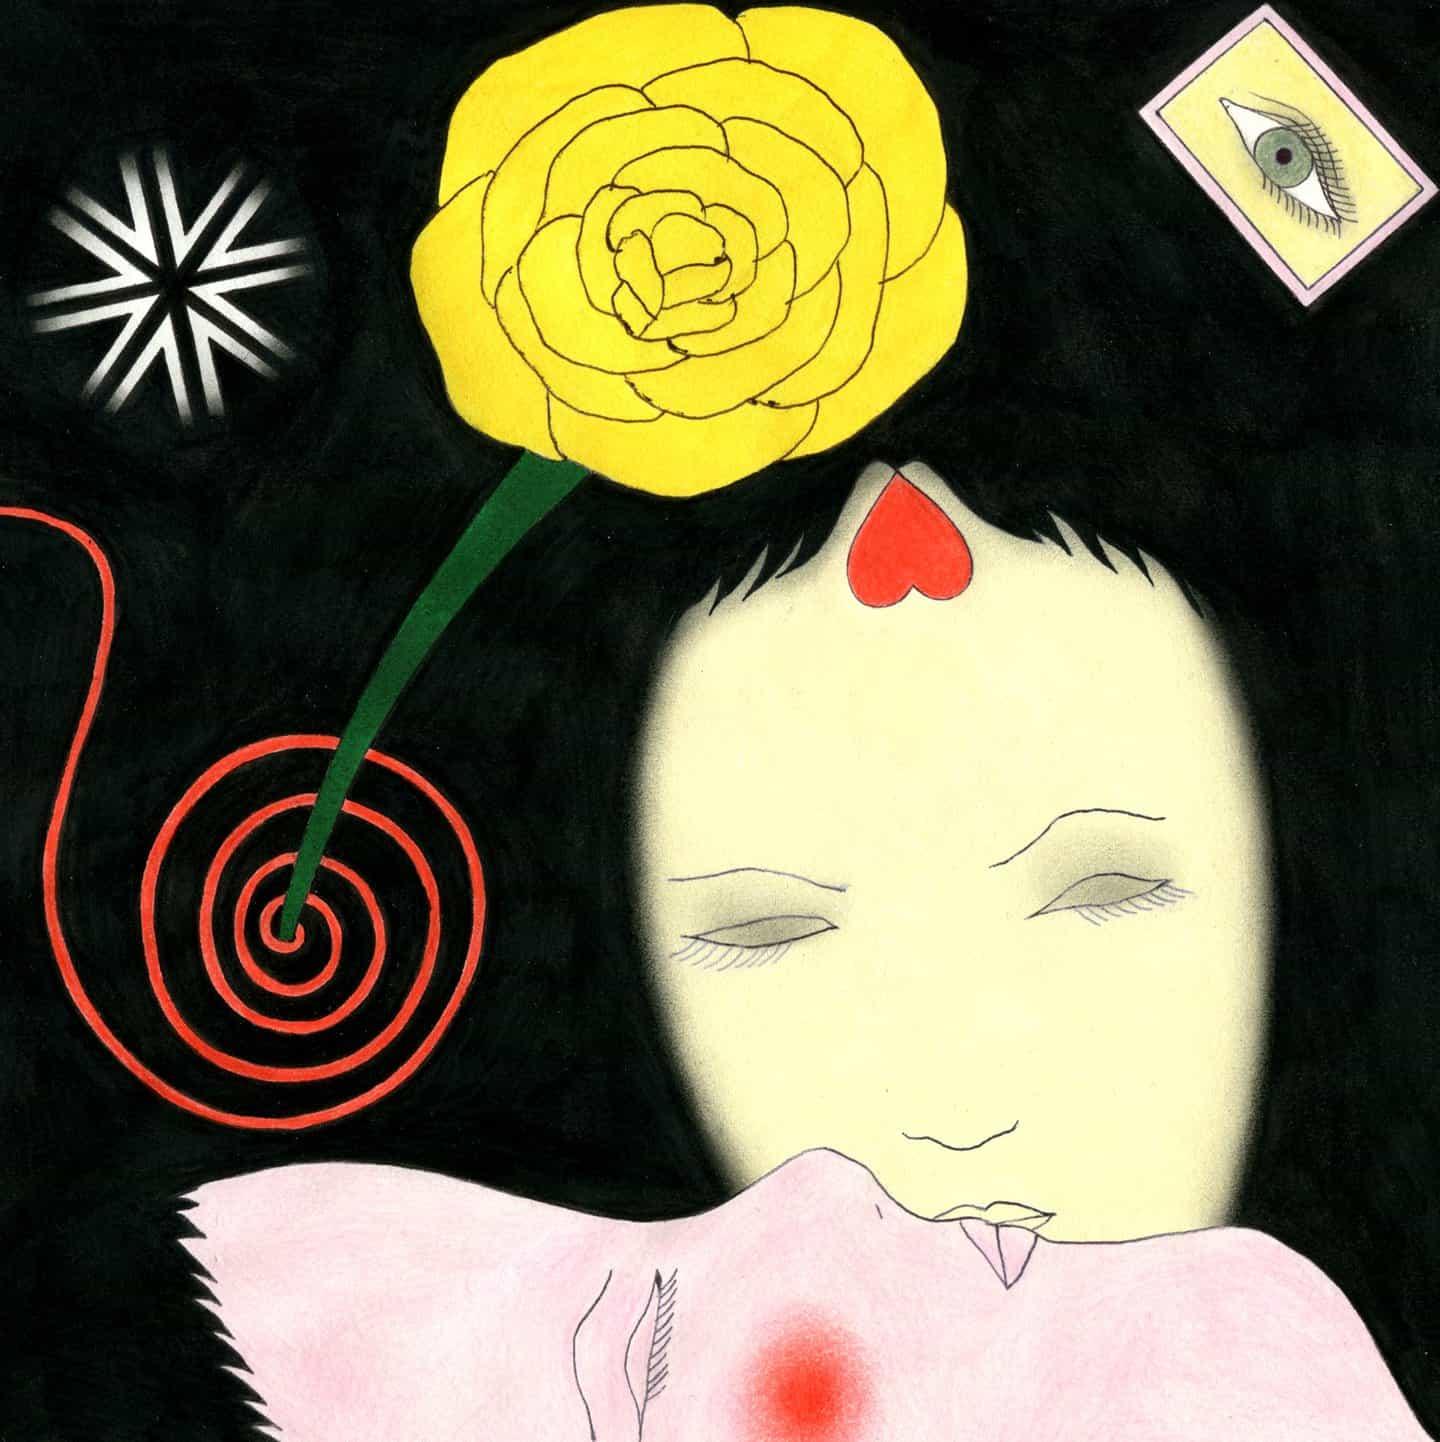 """ilustrador francés Chloé Bertron nos actualiza sobre sus """"sexuales, juguetón, inseguras y crípticos"""" libros e ilustraciones"""